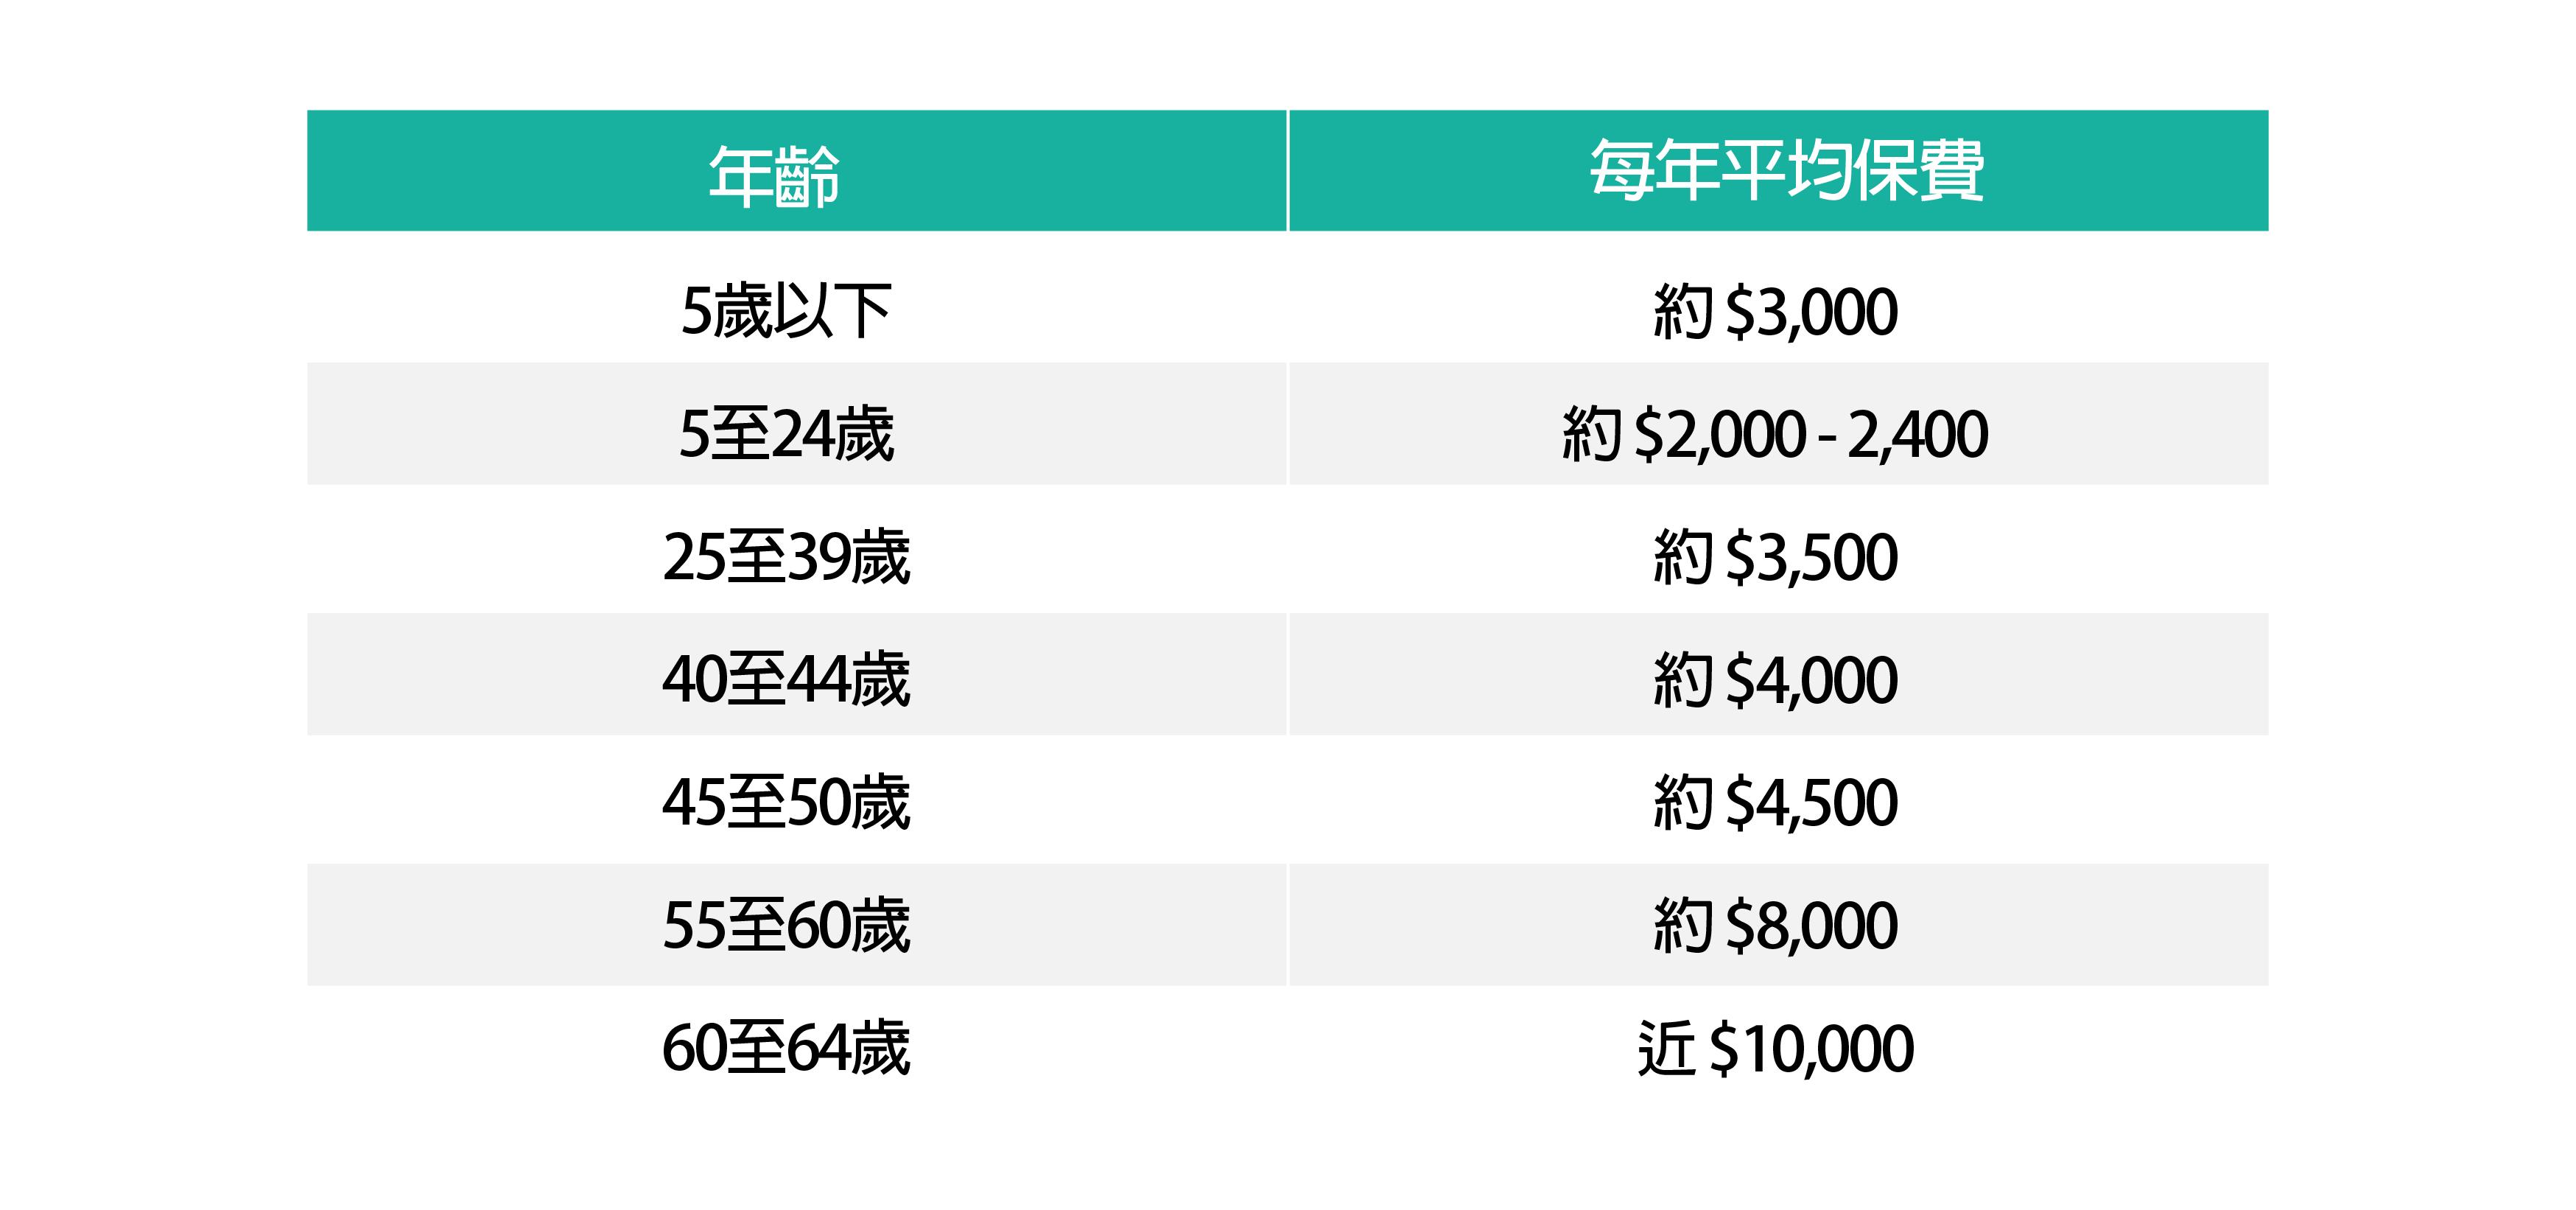 自願醫保在各年齡層的預期保費(按2019年購買)